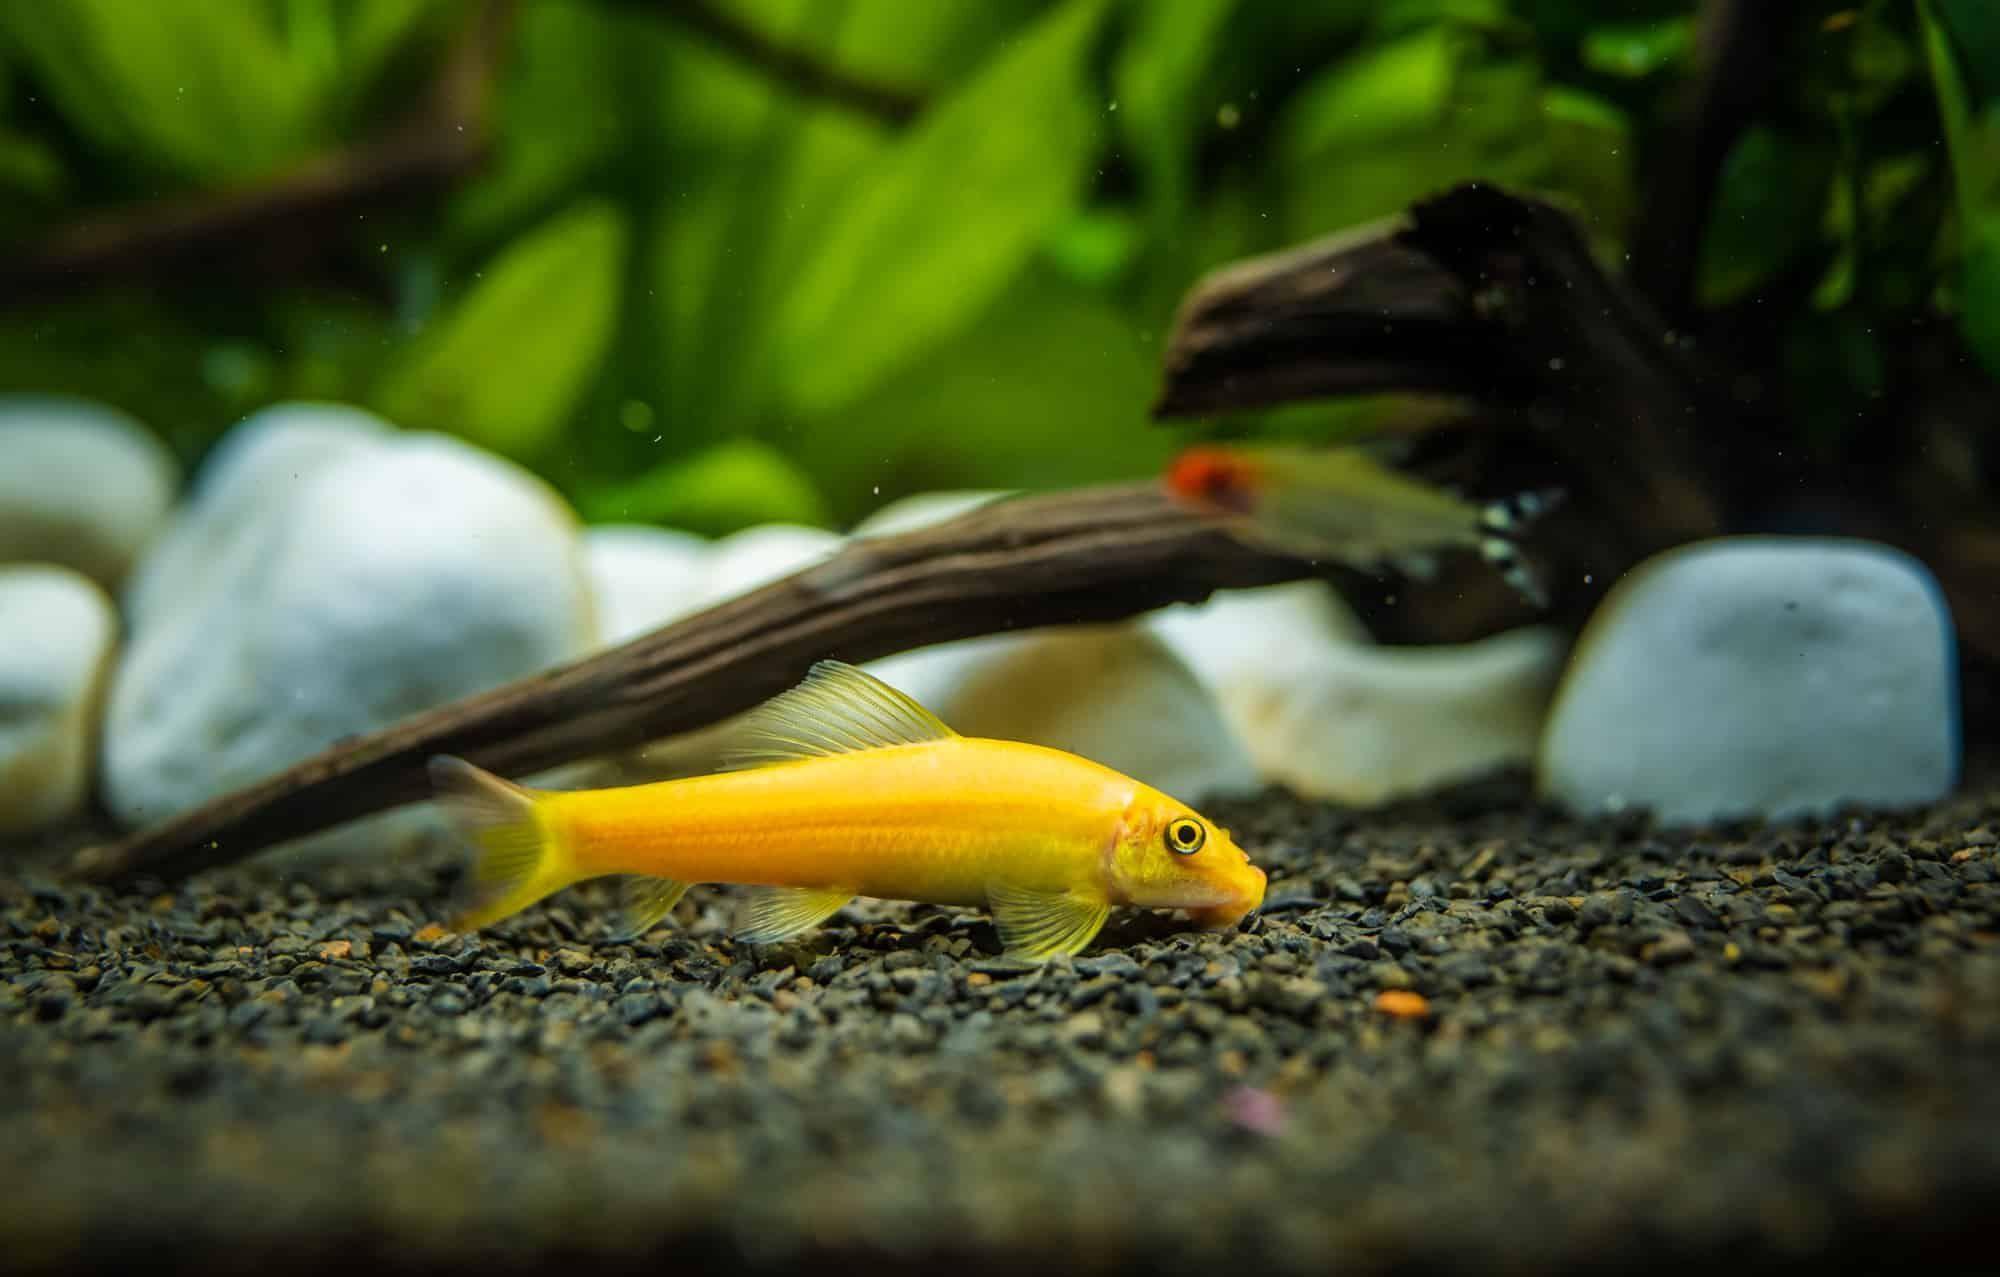 Chinese Algae Eater Care Behavior And Diet Algae Aquarium Fish Eater